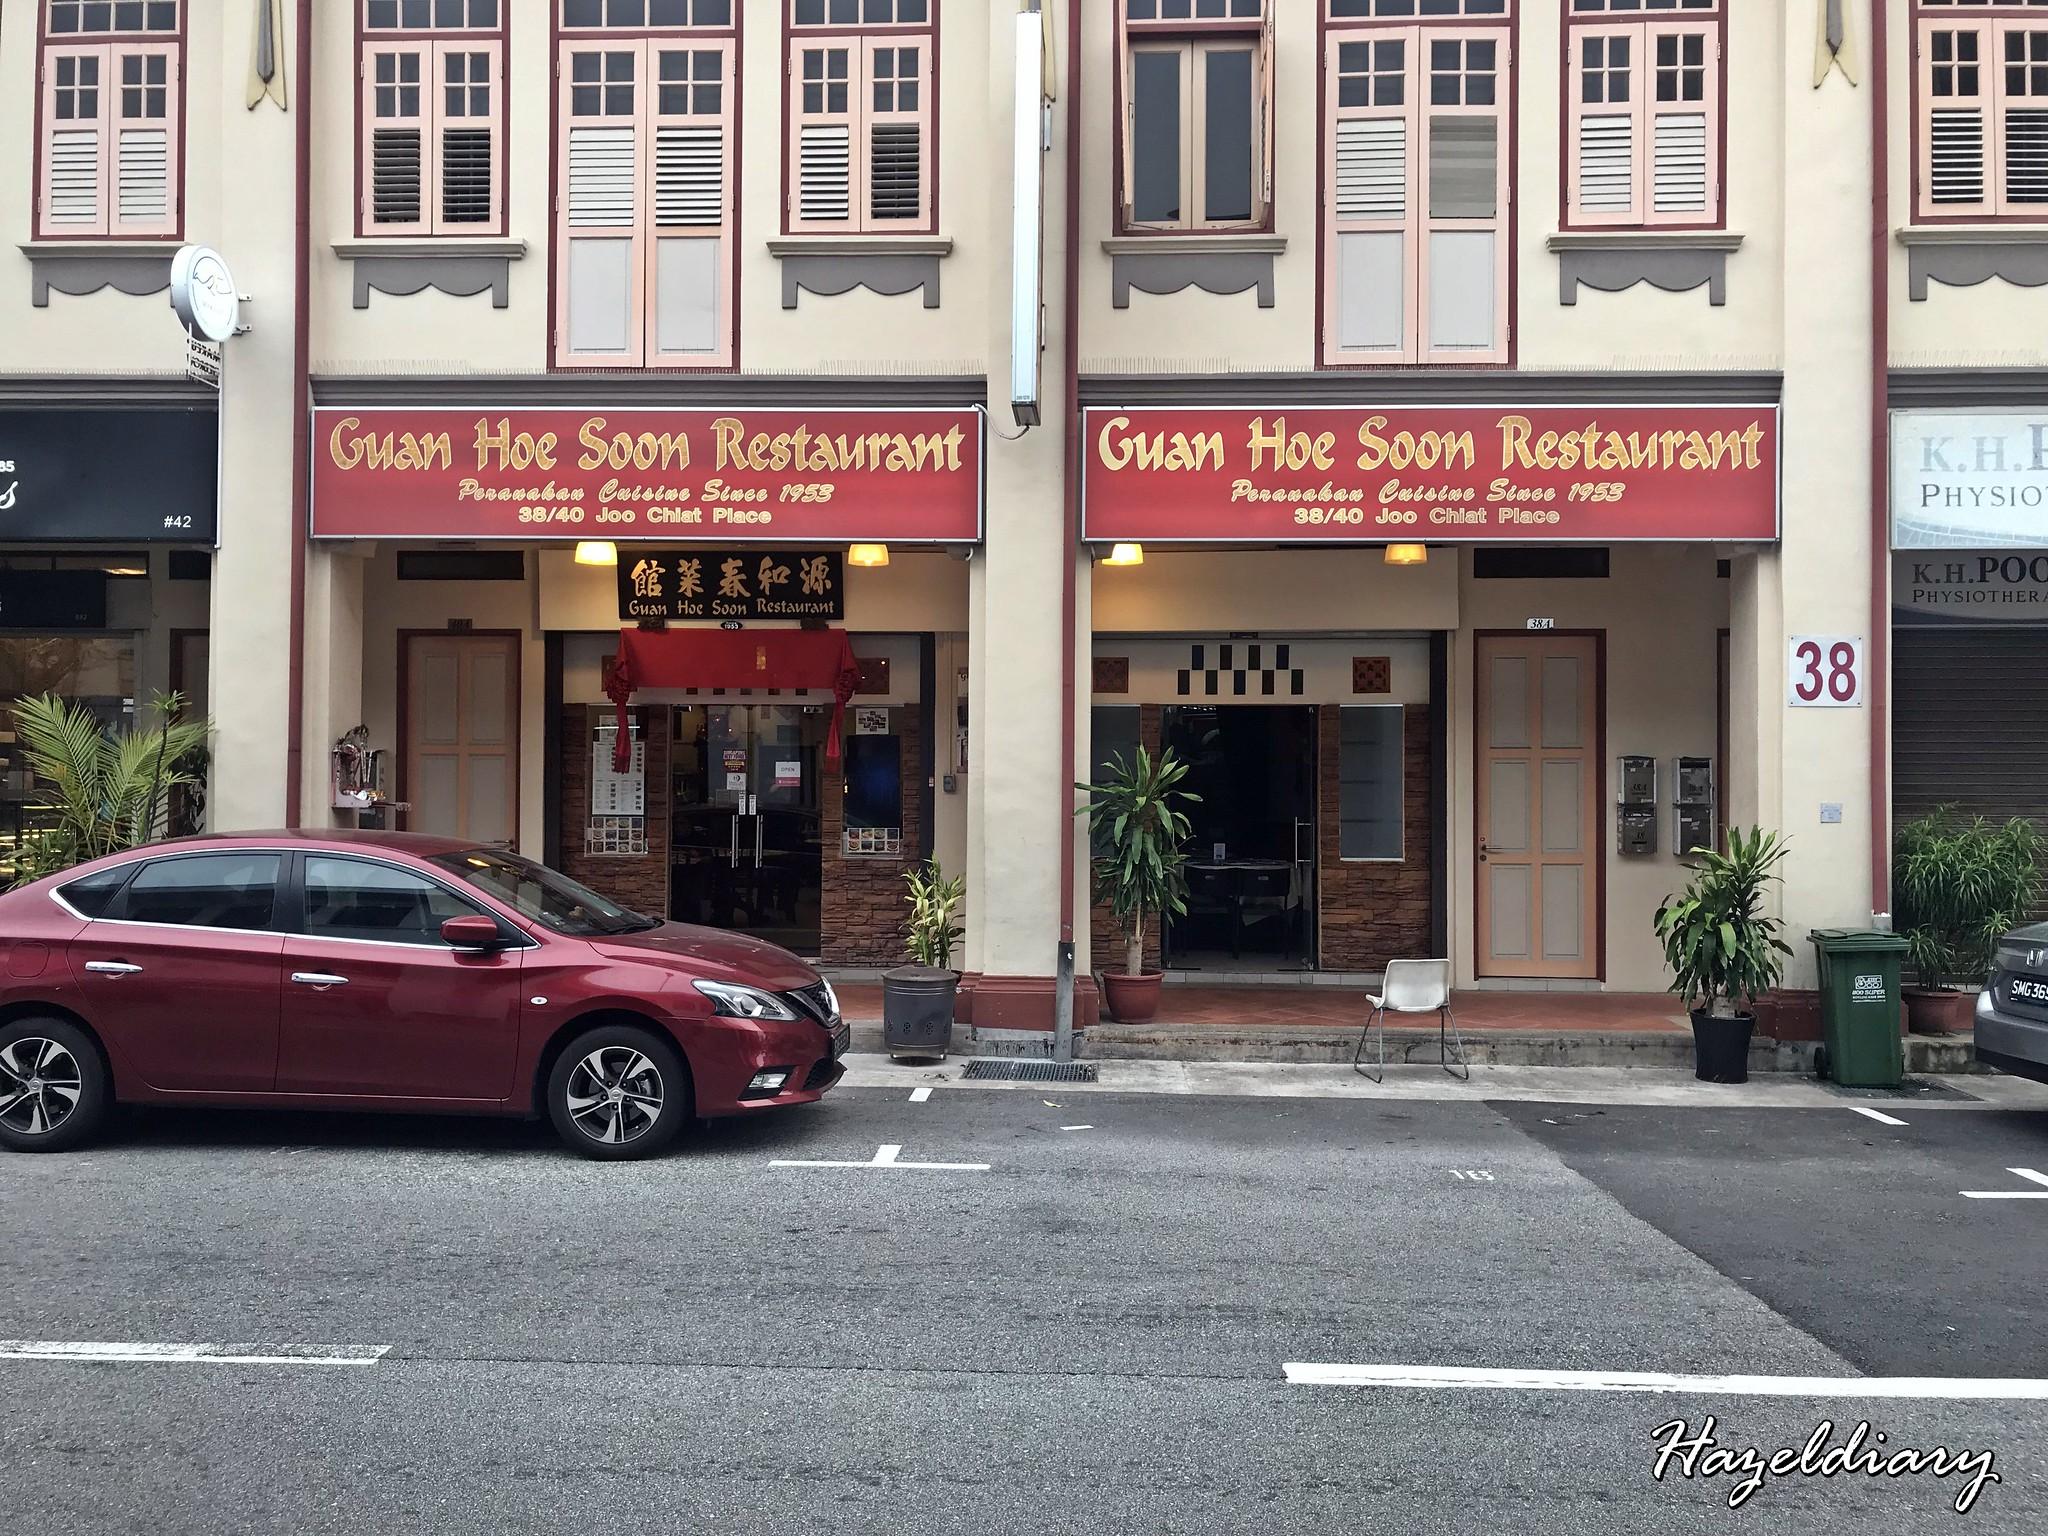 Guan Hoe Soon Restaurant-Peranakan Singapore-3